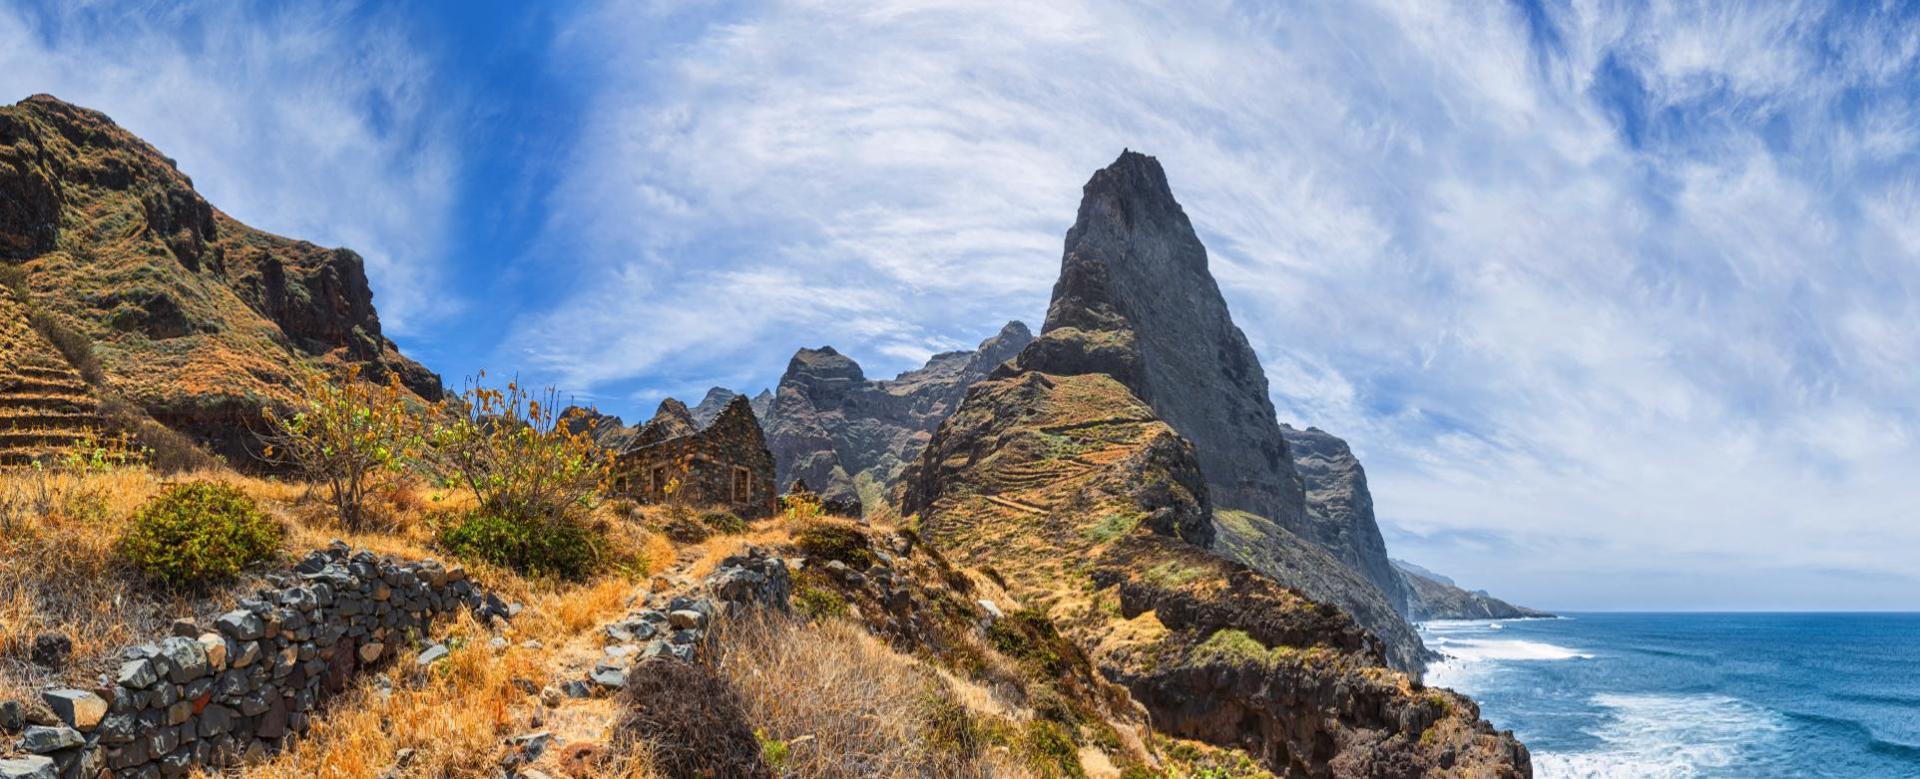 Voyage à pied Cap-Vert : Paradis volcanique et vallées secrètes